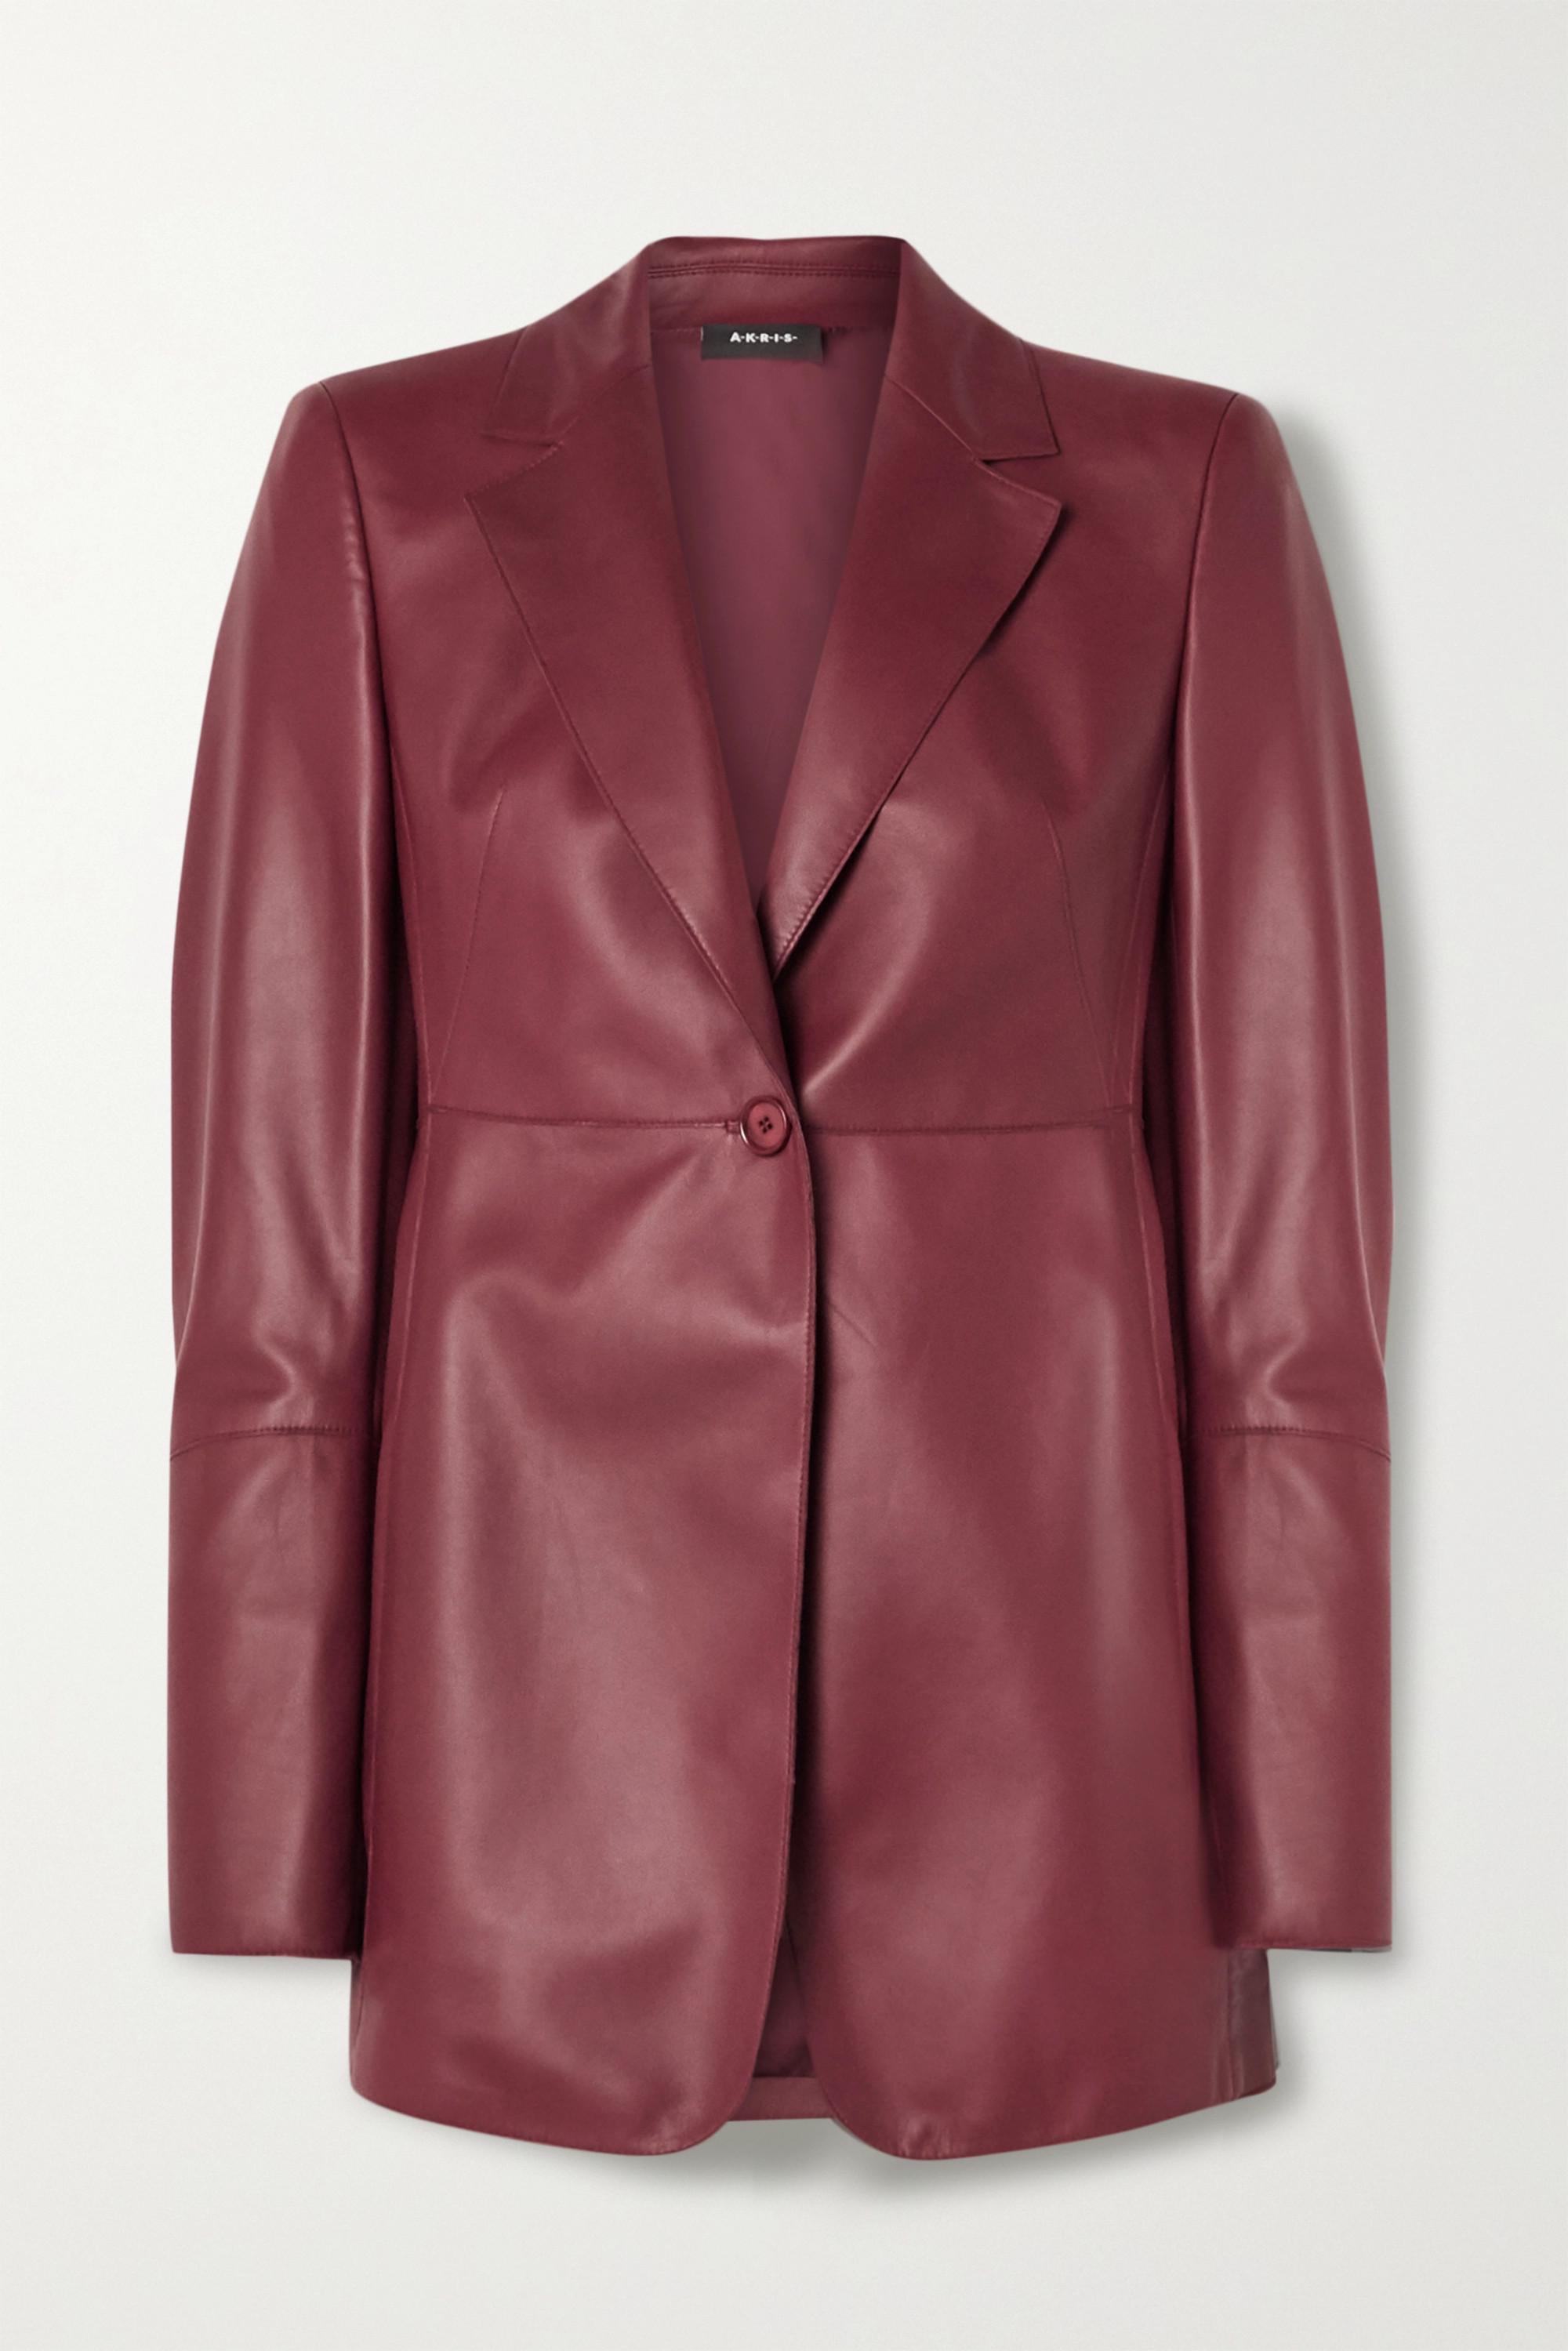 Akris Leather blazer